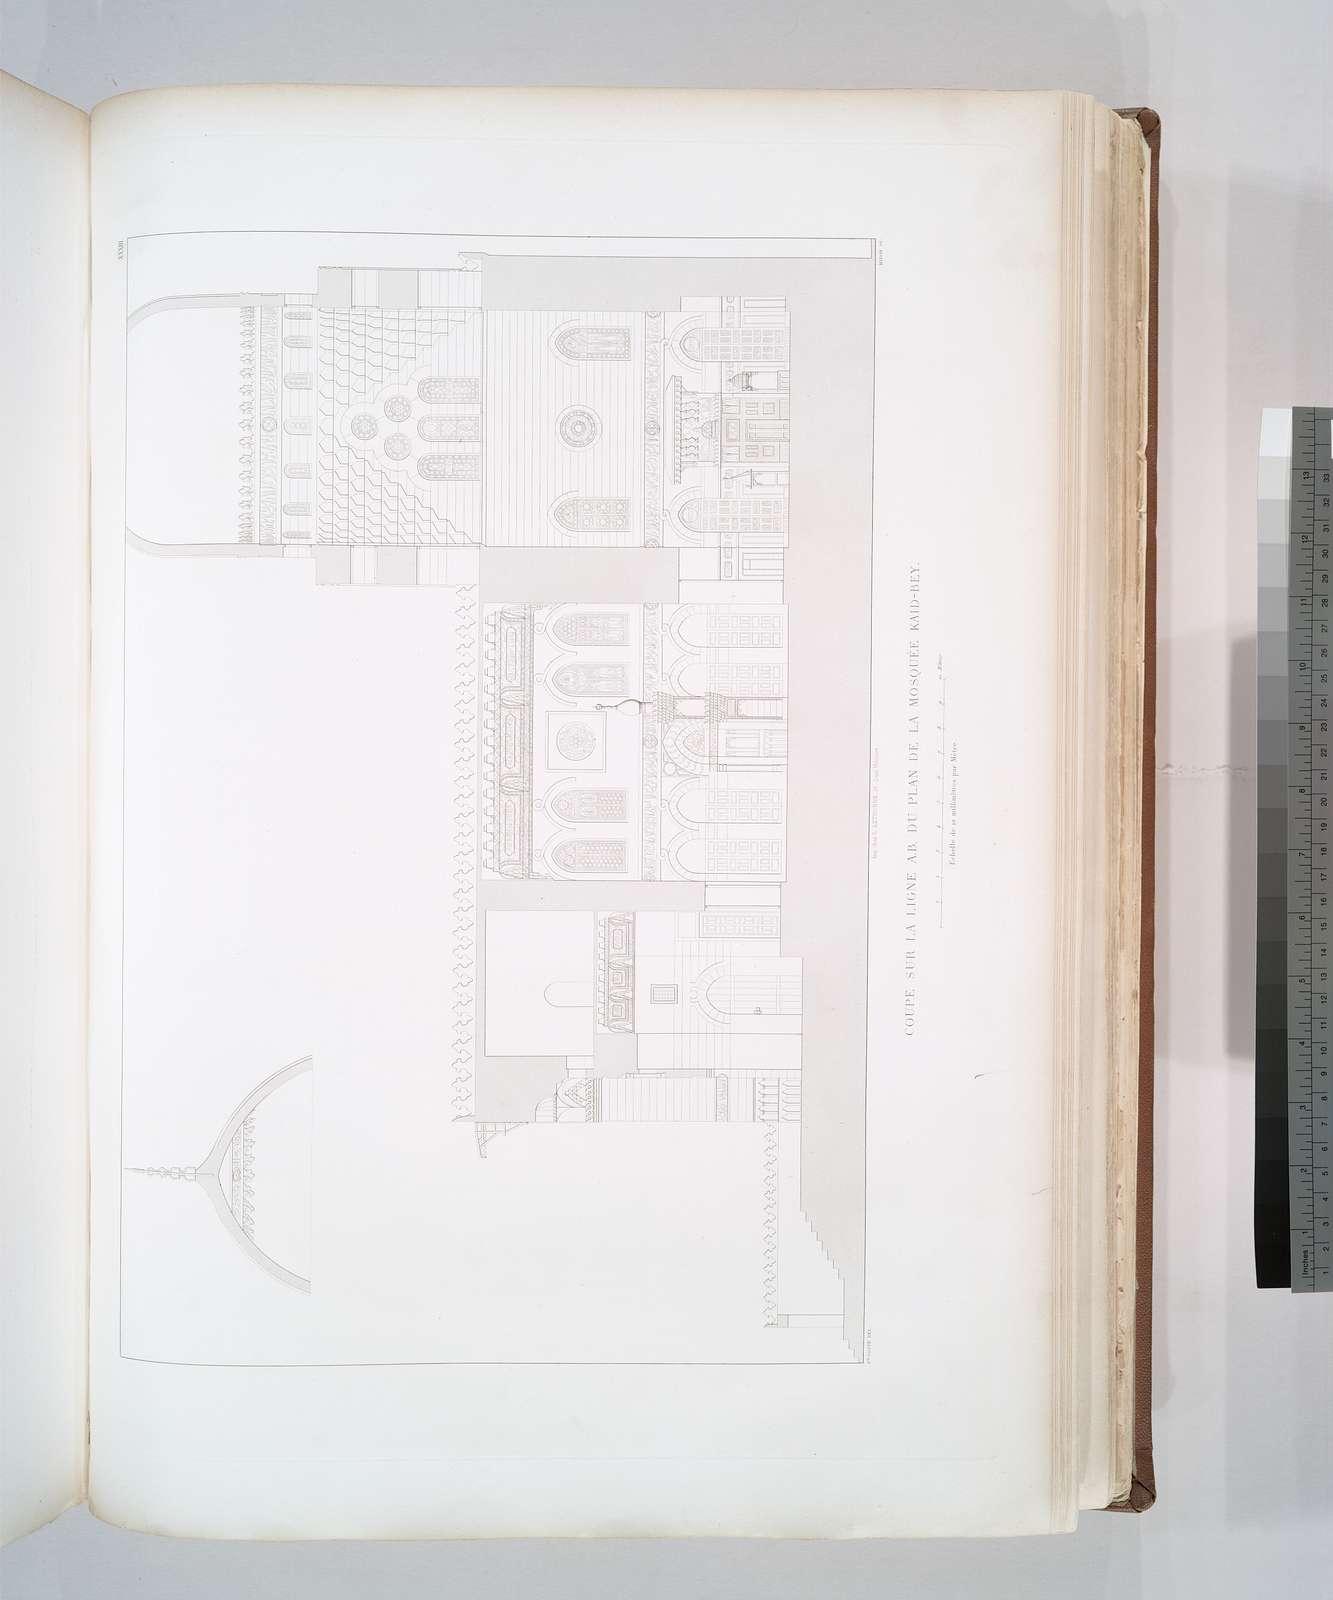 Coupe sur la ligne A,B, du plan de la Mosquée Kaid-Bey [refers to pl. XXXII]